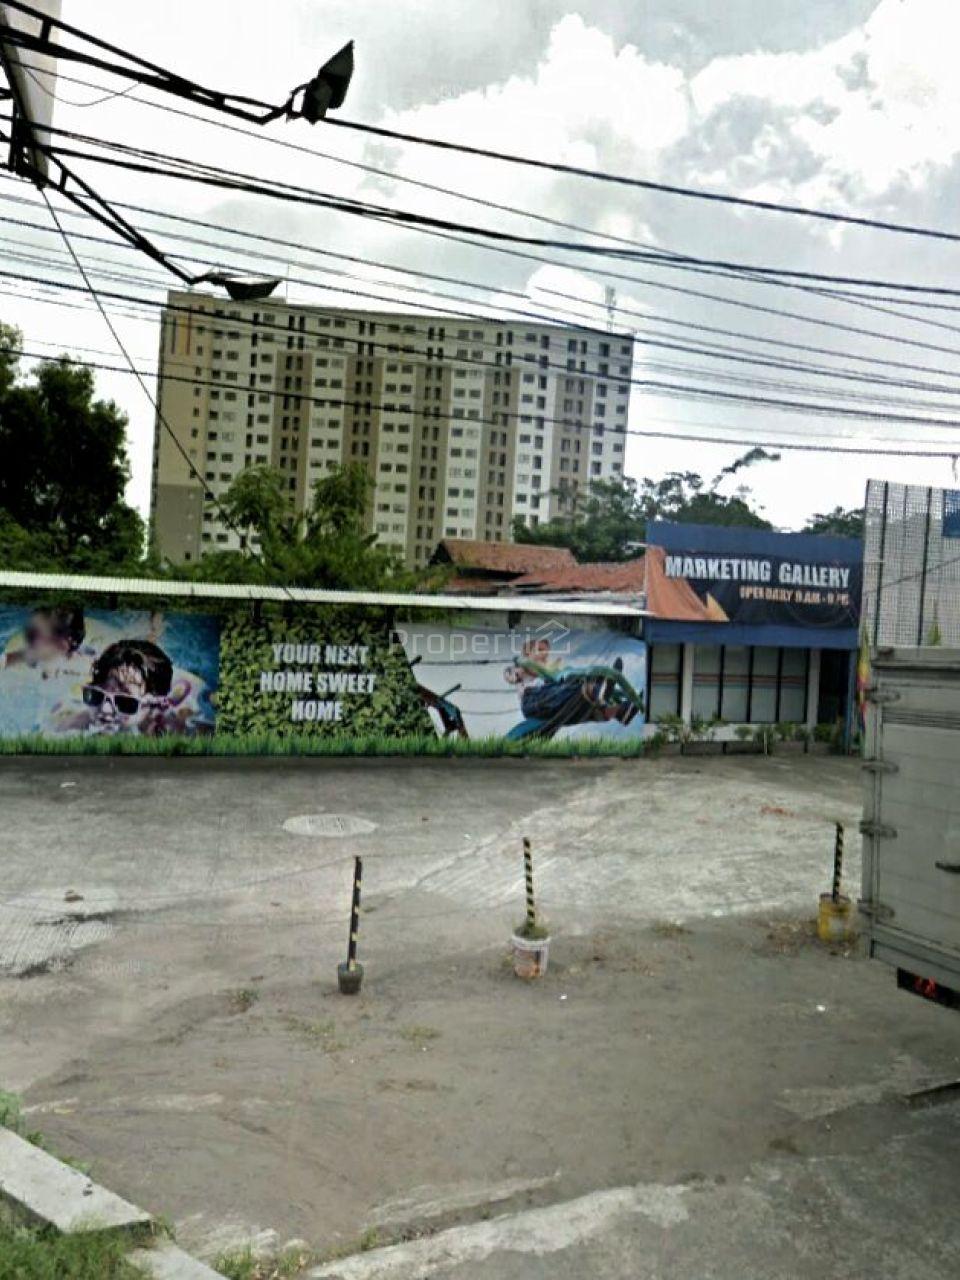 Commercial Land in Daan Mogot, Banten